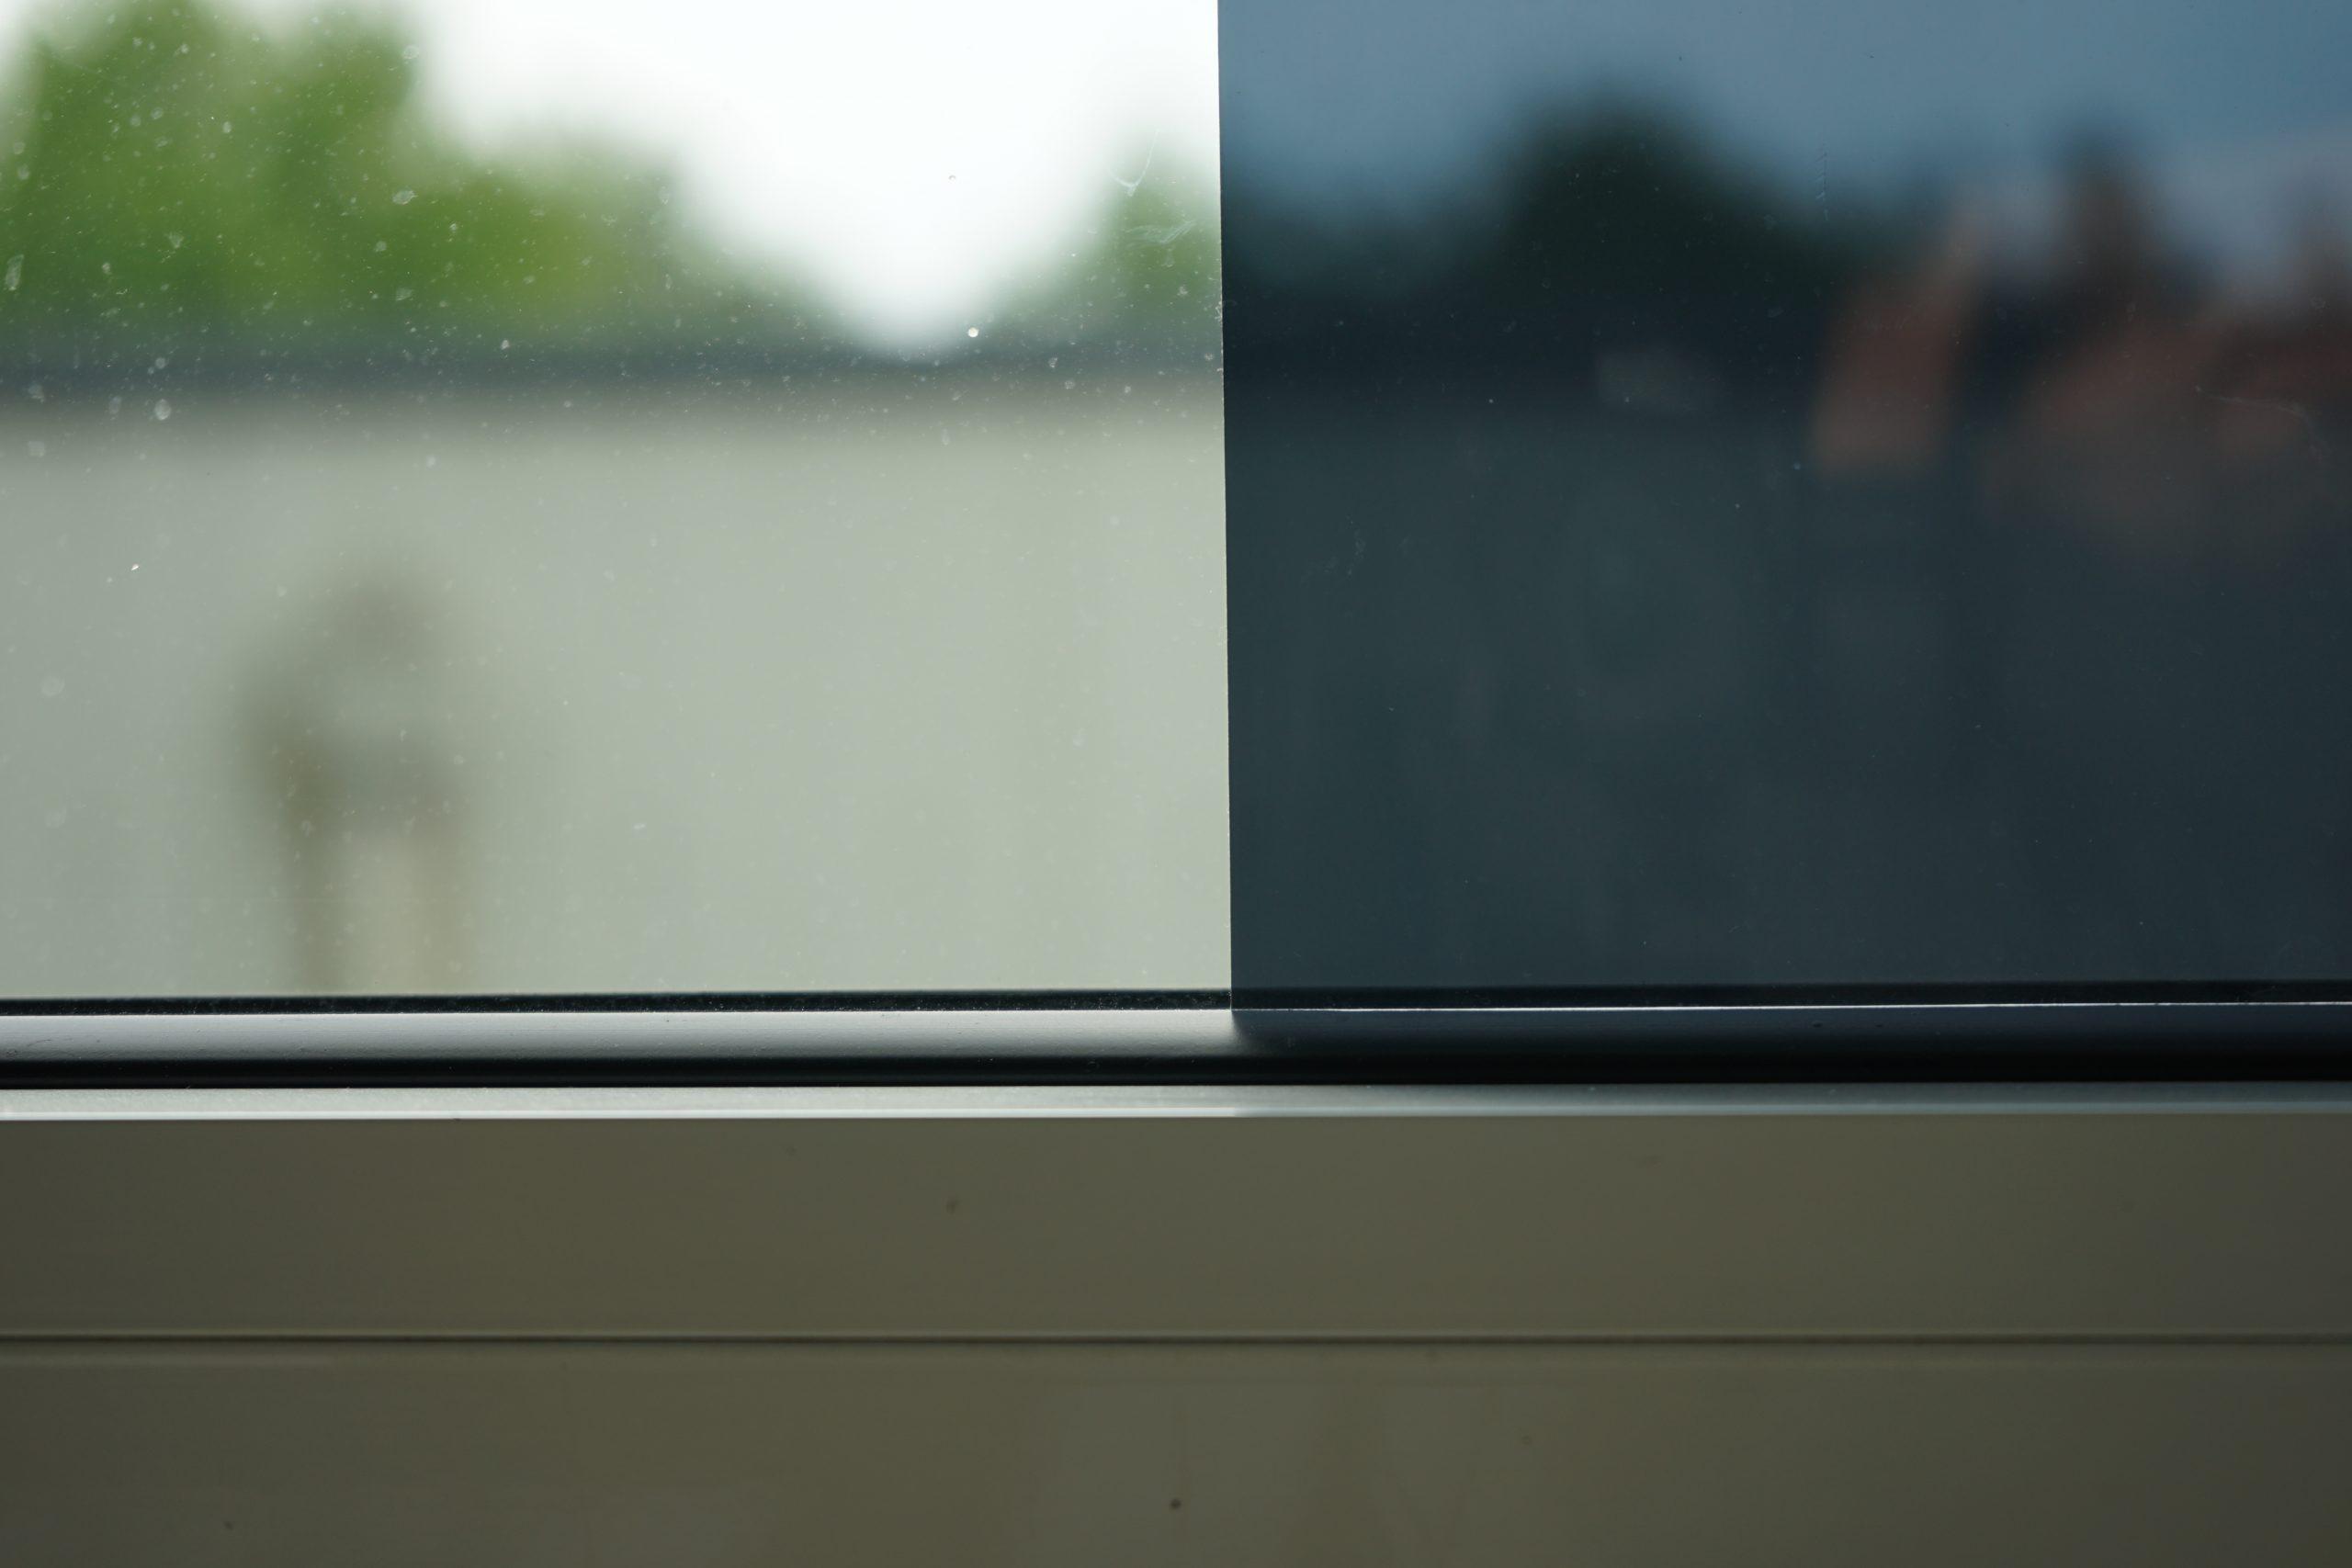 Full Size of Spiegelfolie Online Kaufen Gnstig Witterungsbestndig Schallschutz Fenster Einbauen Kosten Rundes Sonnenschutz Innen Schüco Rehau Rollos Für Konfigurator Veka Fenster Sonnenschutzfolie Fenster